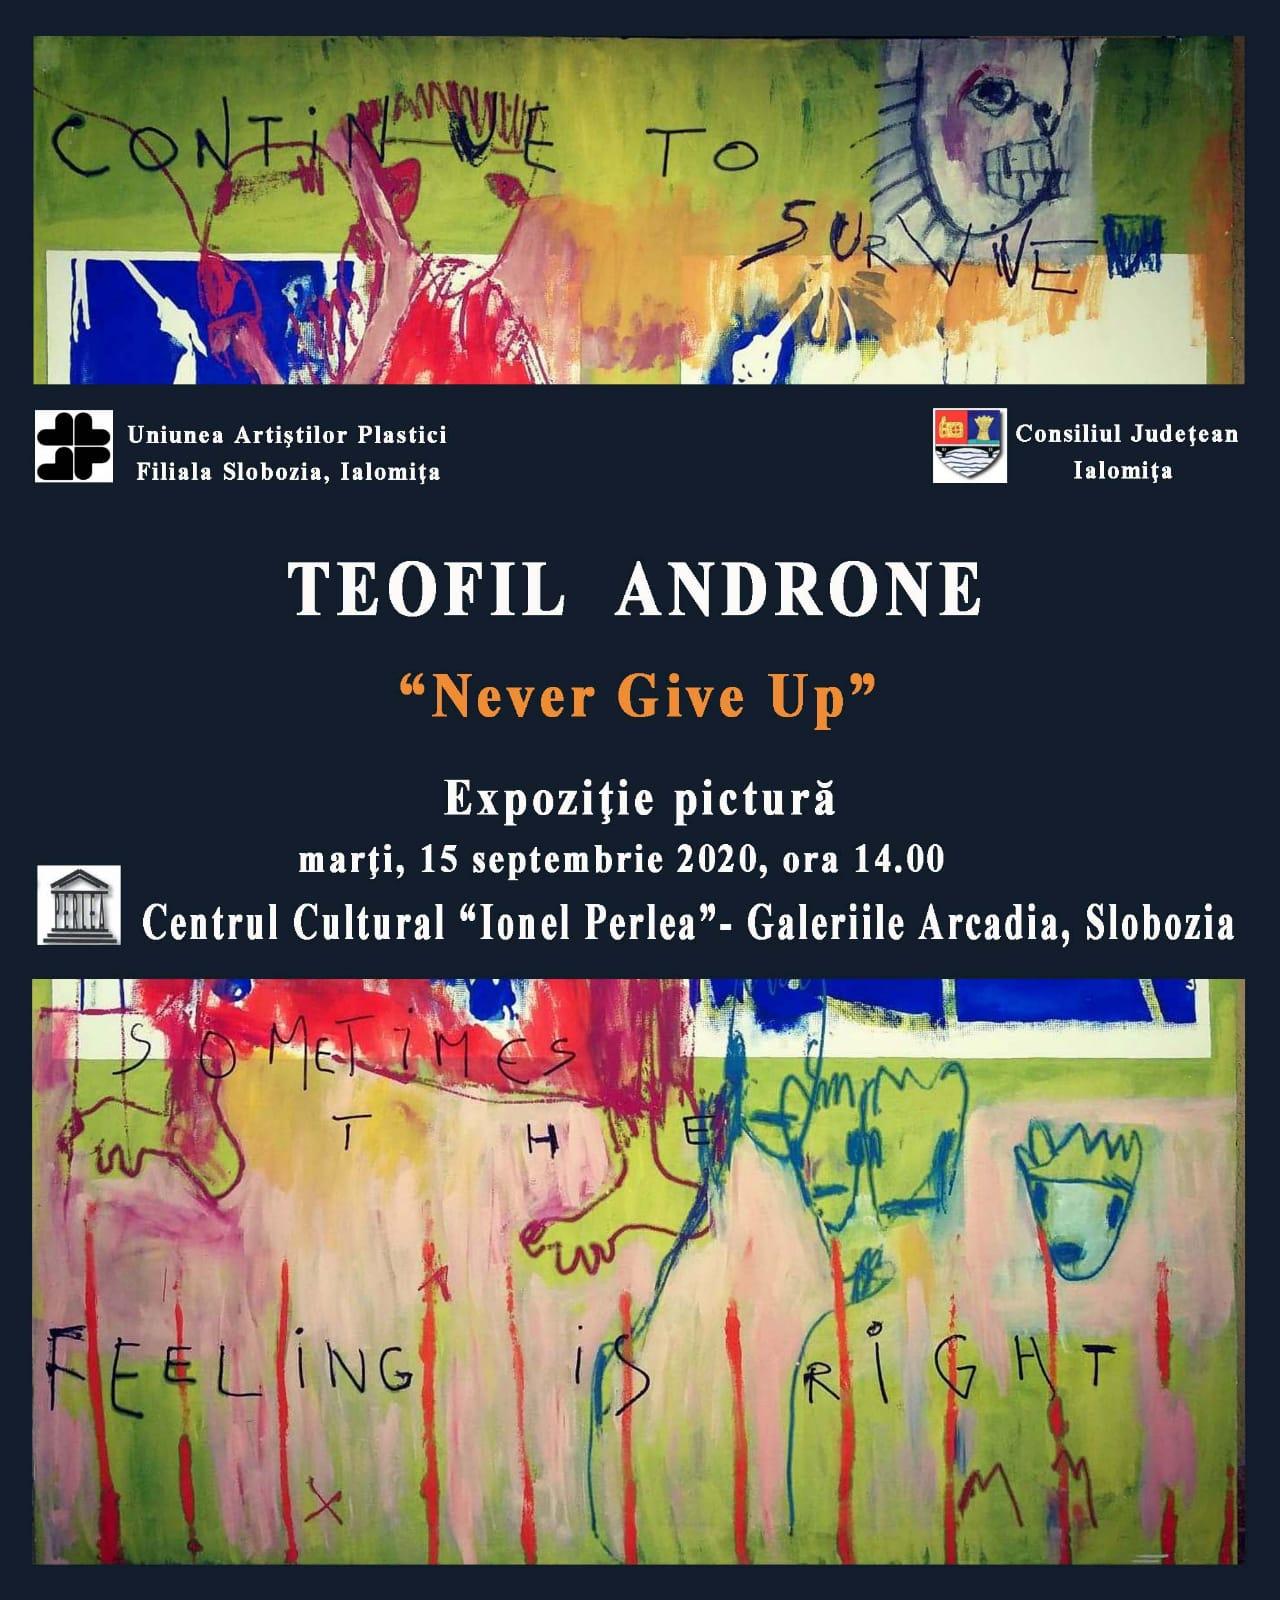 """Teofil Androne – """"Never Give  Up"""", expoziţie de pictură, 15 spetembrie 2020, ora 14:00, Centrul Cultural ,,Ionel Perlea"""" Galeriile Arcadia"""